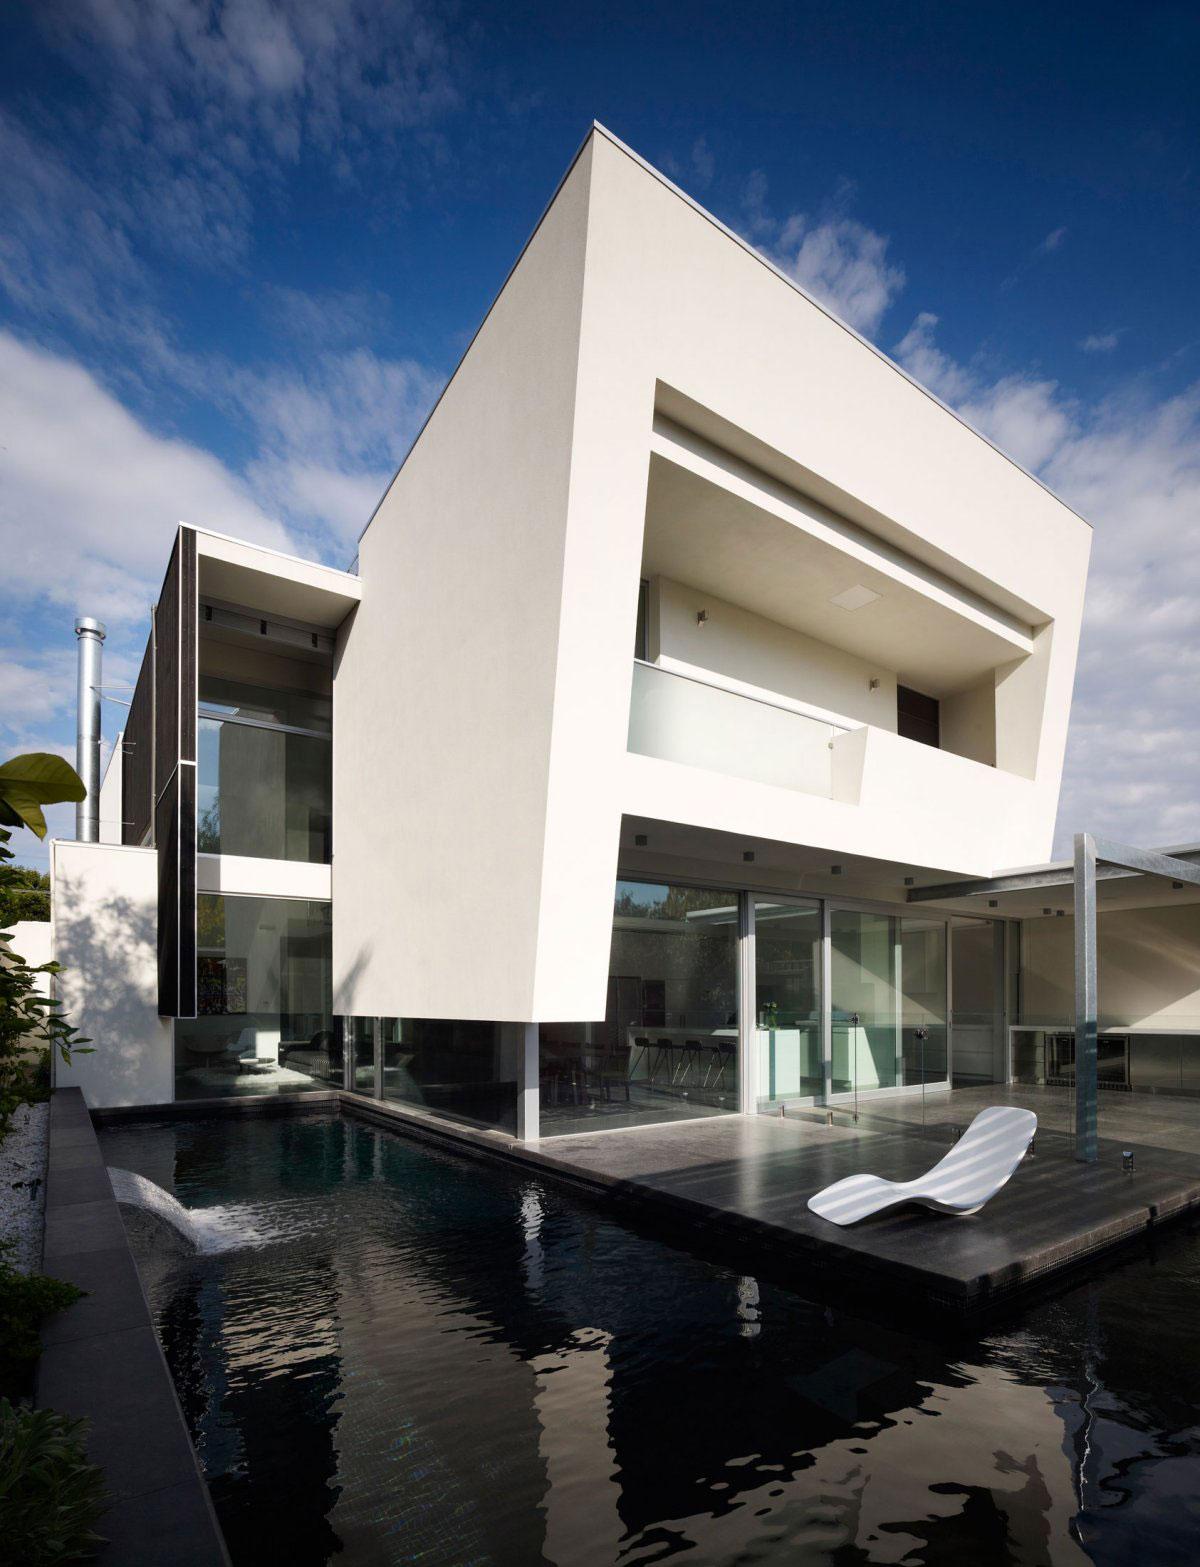 Robinson-Road-House-by-Steve-Domoney-Architecture Australisk arkitektur och några vackra hus för att inspirera dig